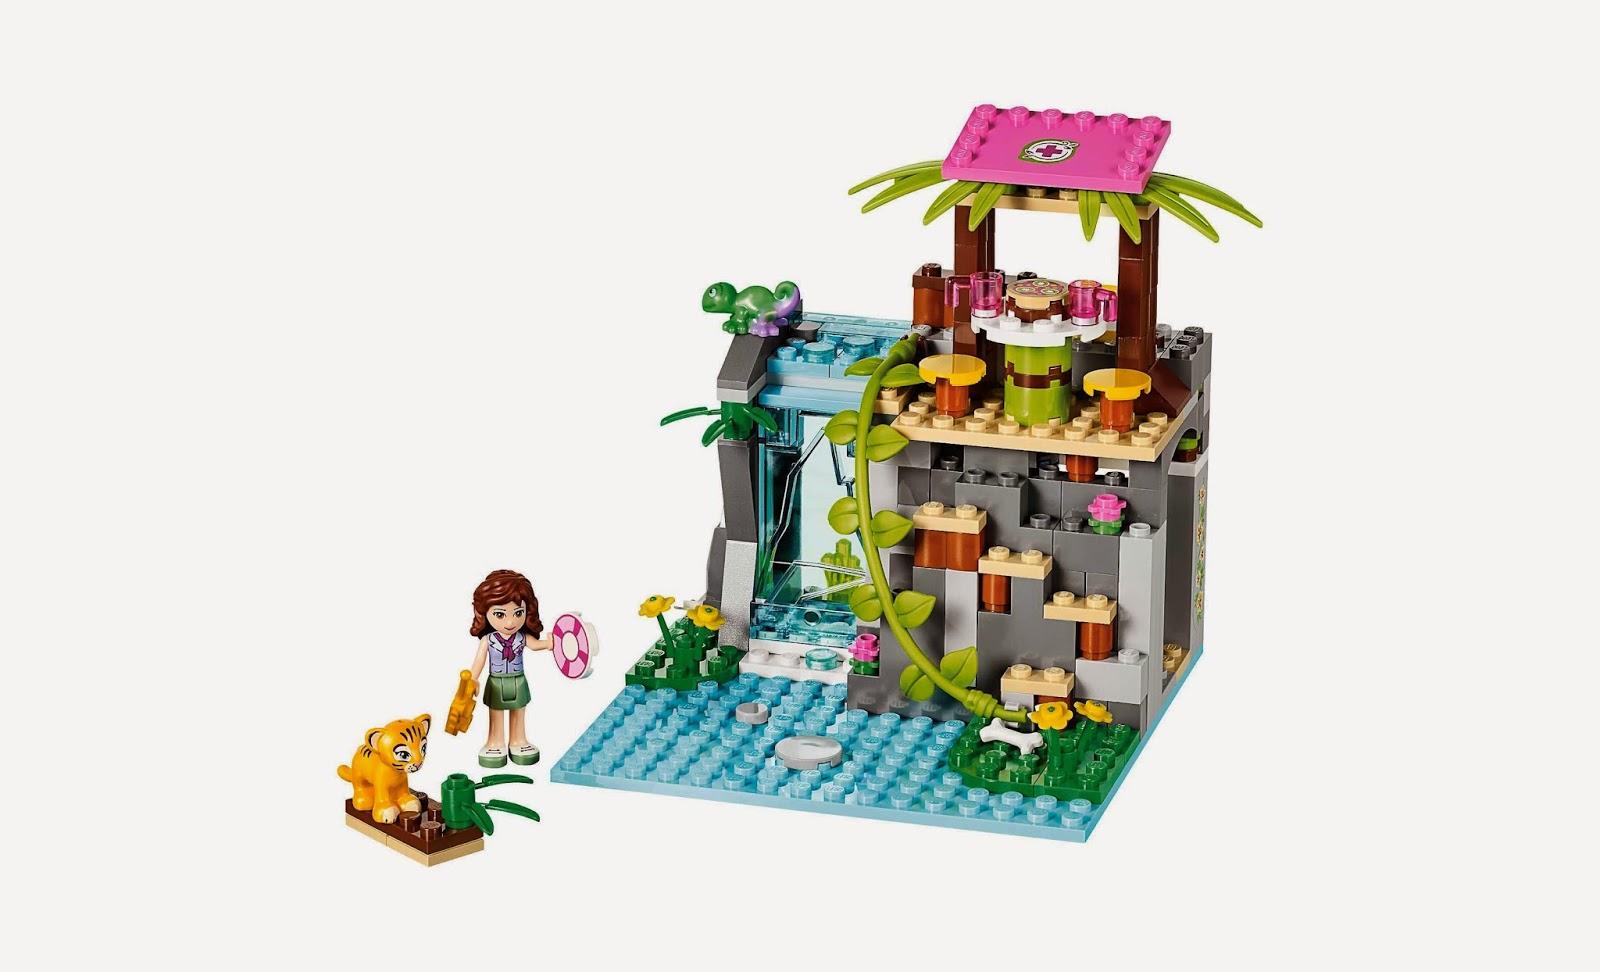 Đồ chơi LEGO Friends 41033 - Cứu hộ tại thác nước